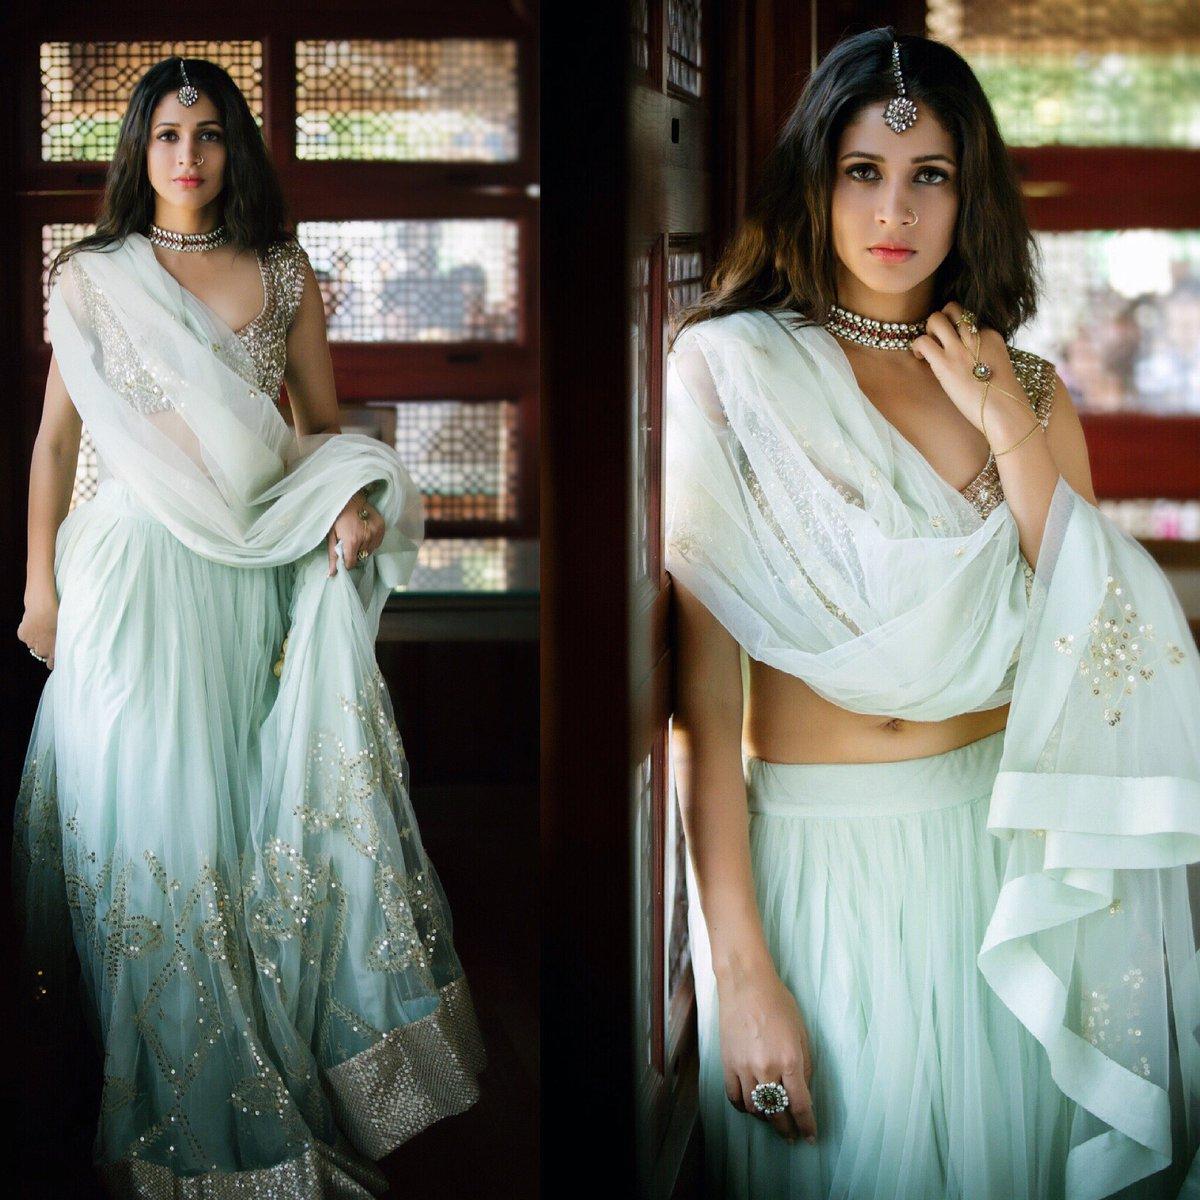 fa9376af7e Lavanya Tripathi In Anushree reddy & Prathyusha Garimella ~ Stars Outfit